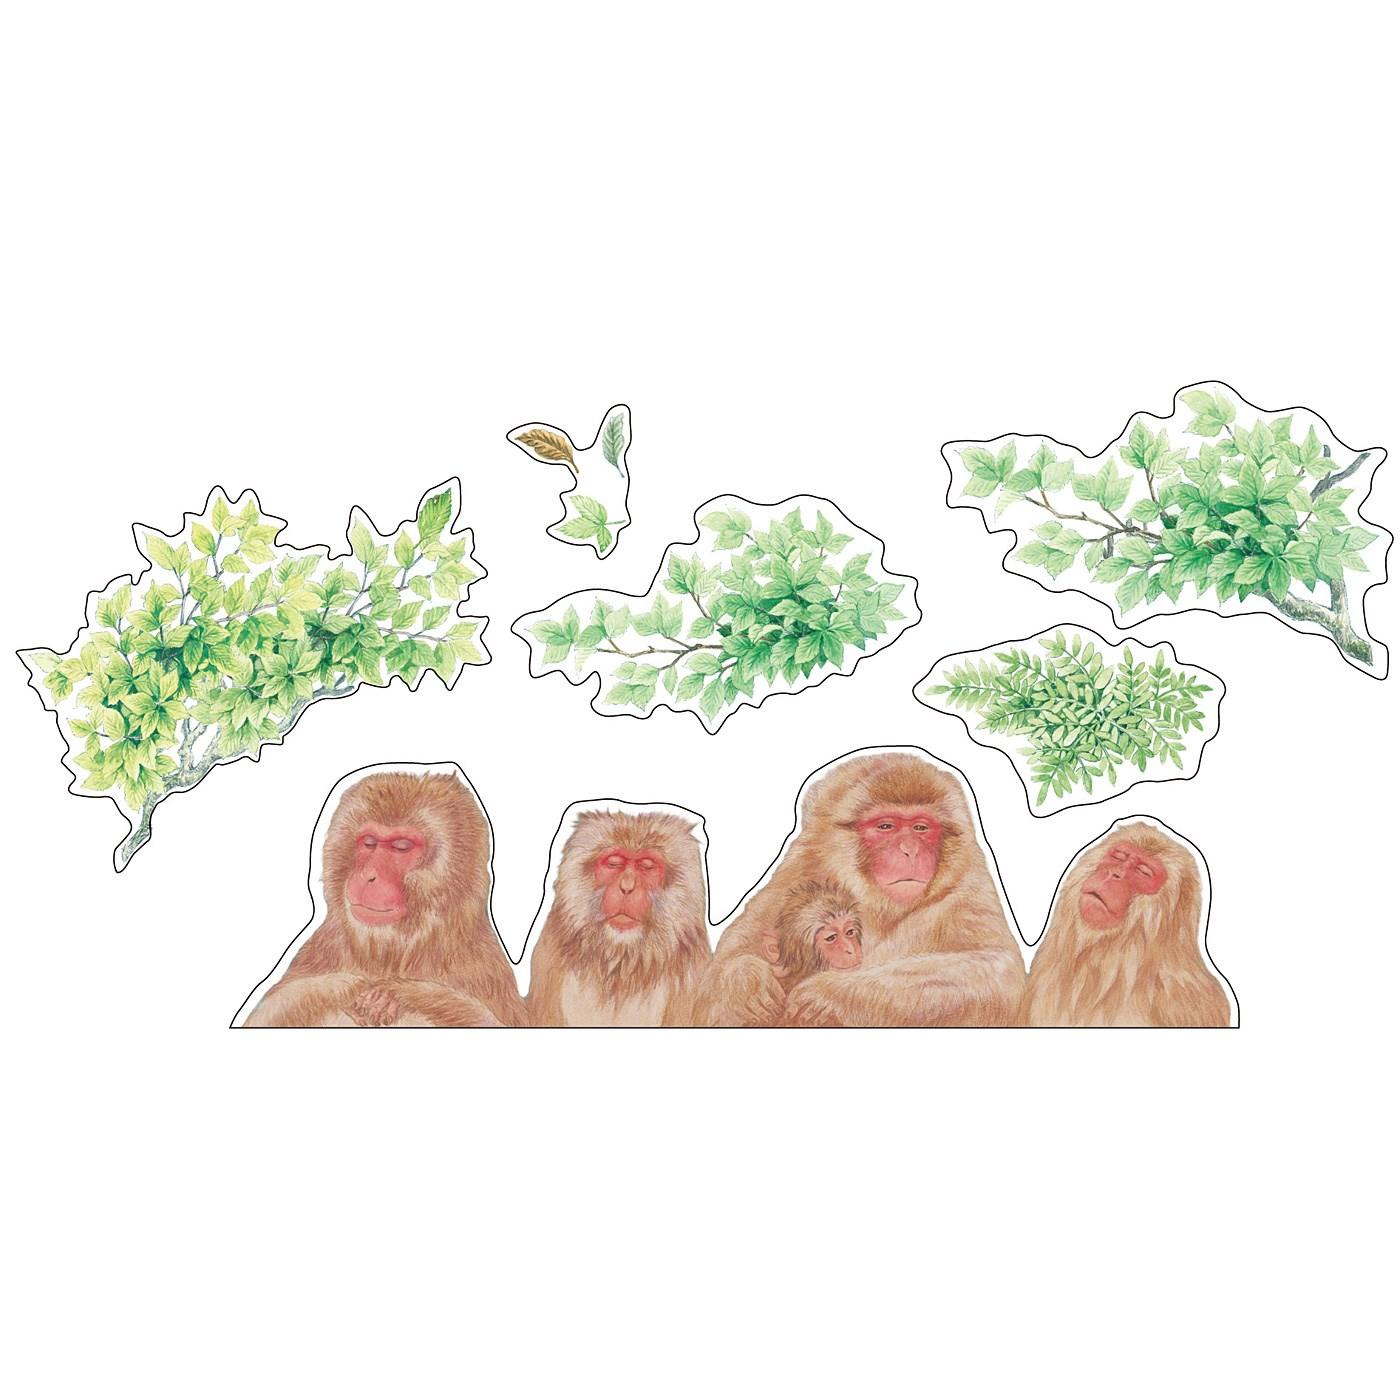 ニホンザルと露天風呂気分を盛り上げる木のシールを6枚セットでお届け。